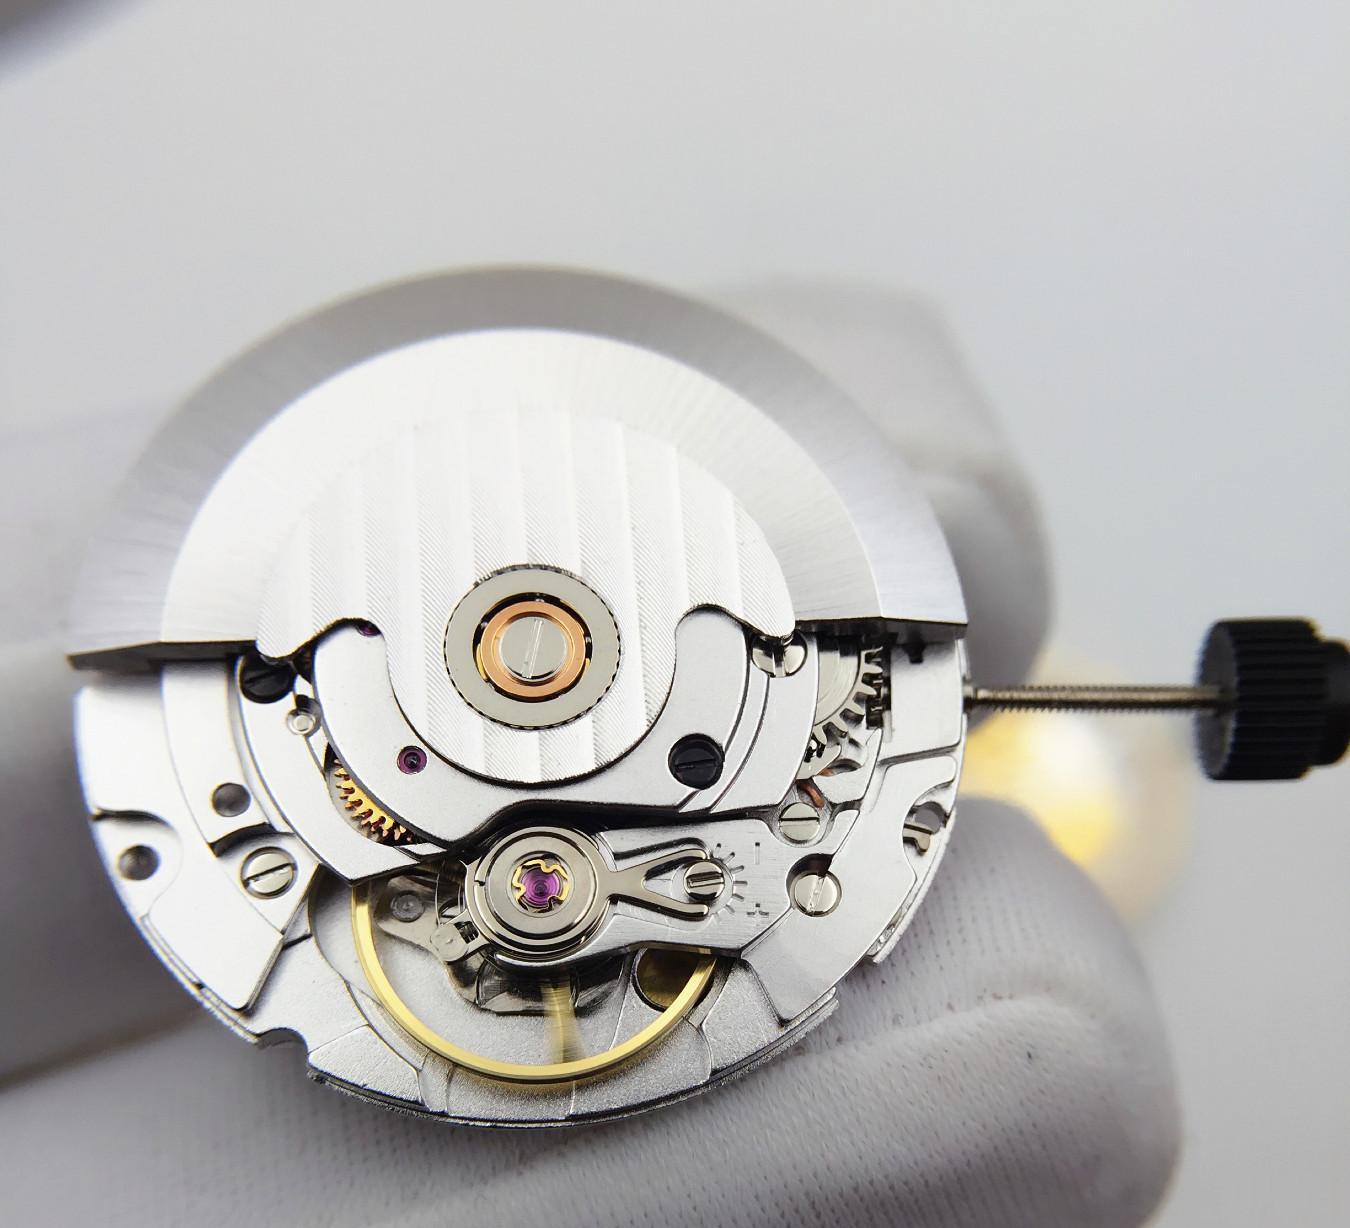 海鸥2824和西铁城9015机芯两款复刻表常用机芯那个好